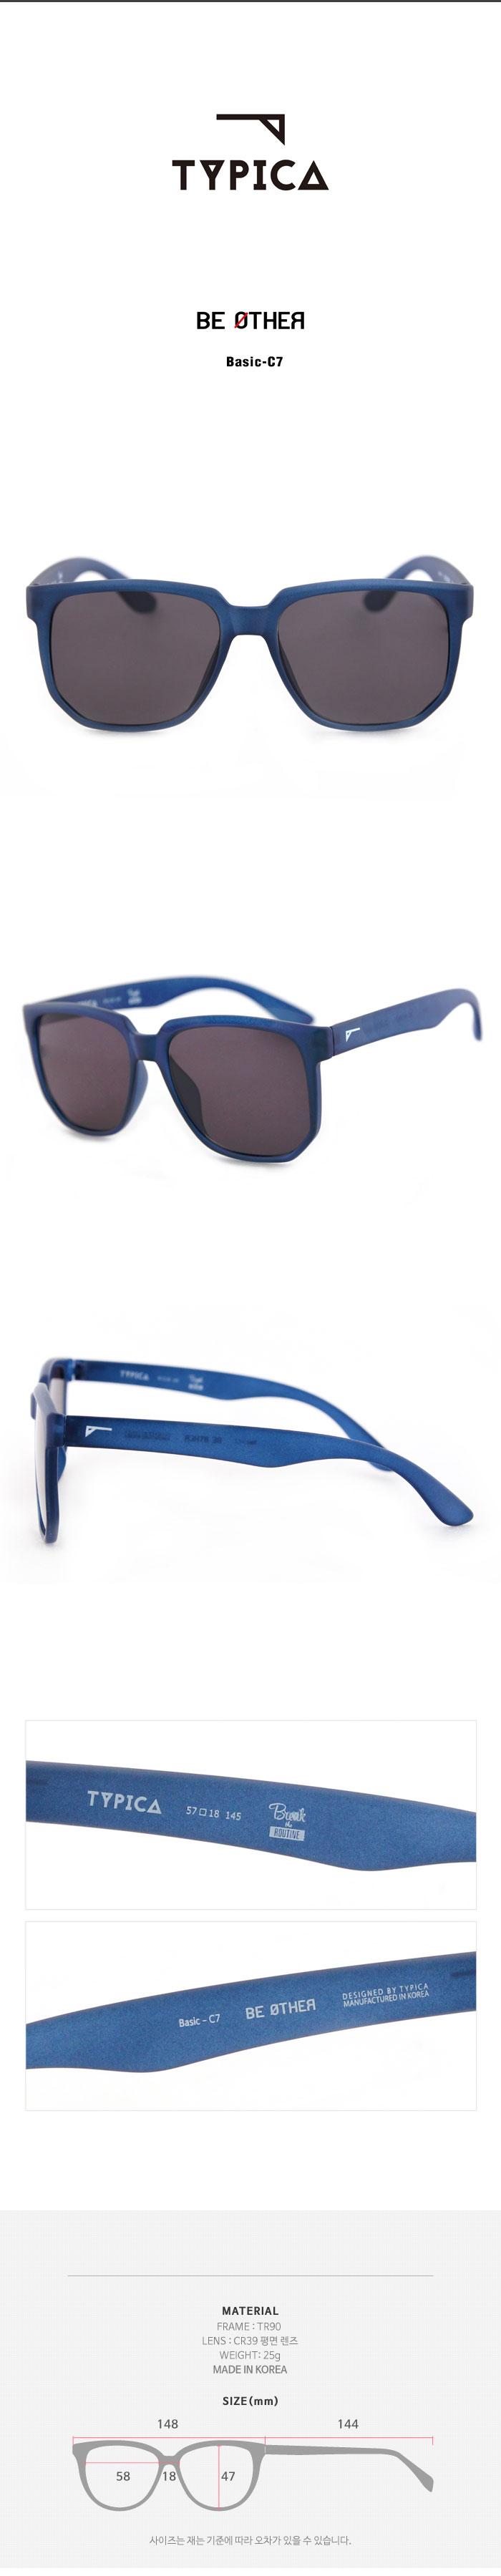 티피카(TYPICA) BE OTHER Basic-C7 패션선글라스